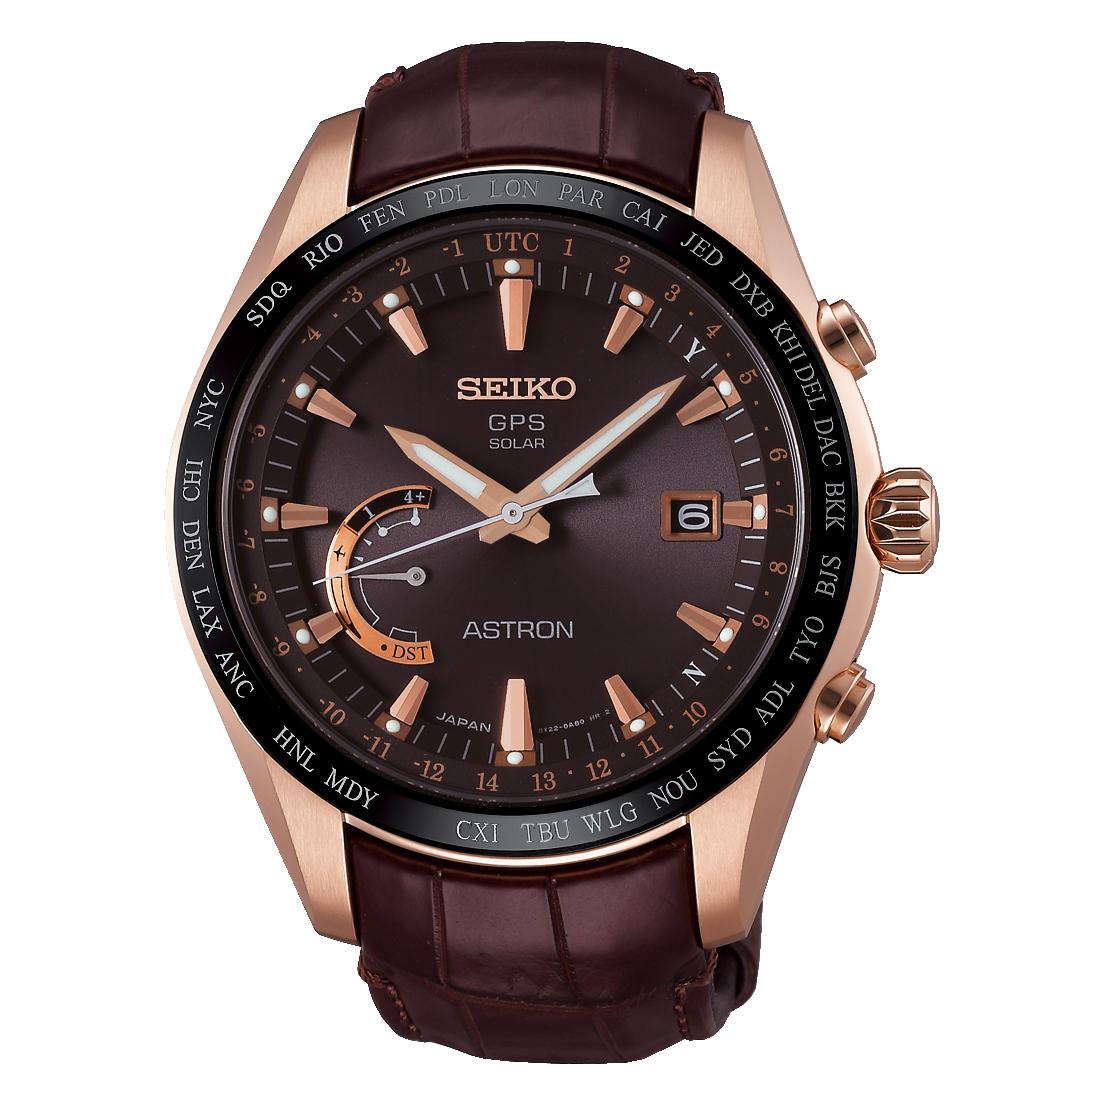 SEIKO ASTRON/セイコー アストロン SBXB096 8X Series World-Time ワールドタイム 8X22 Titanium Models チタニウムモデル